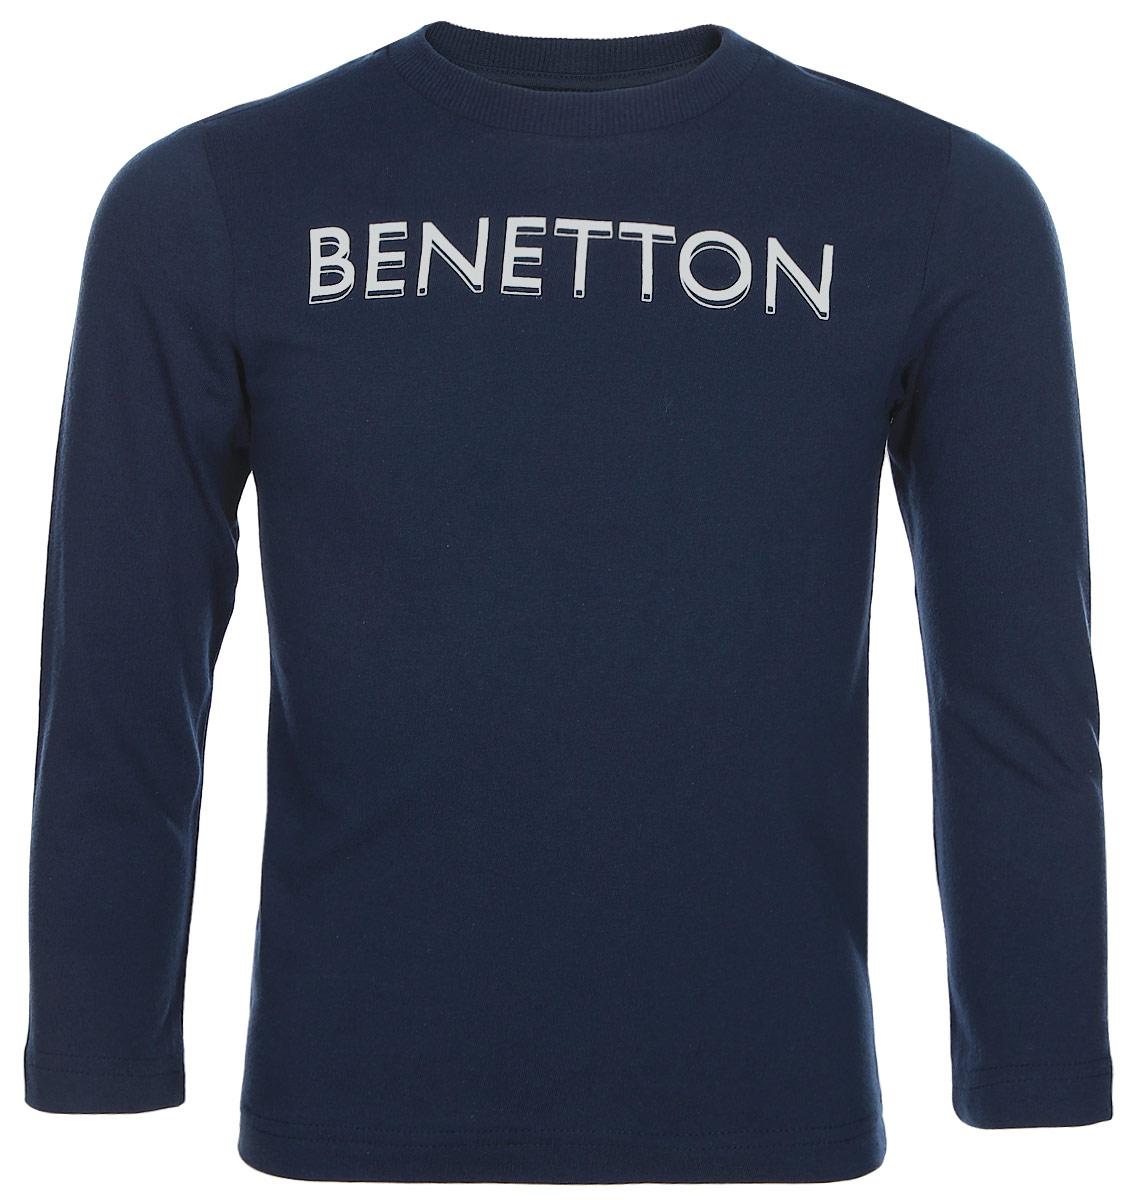 Свитер для мальчиков United Colors of Benetton, цвет: темно-синий. 3YR3C13H5_13C. Размер 1303YR3C13H5_13C